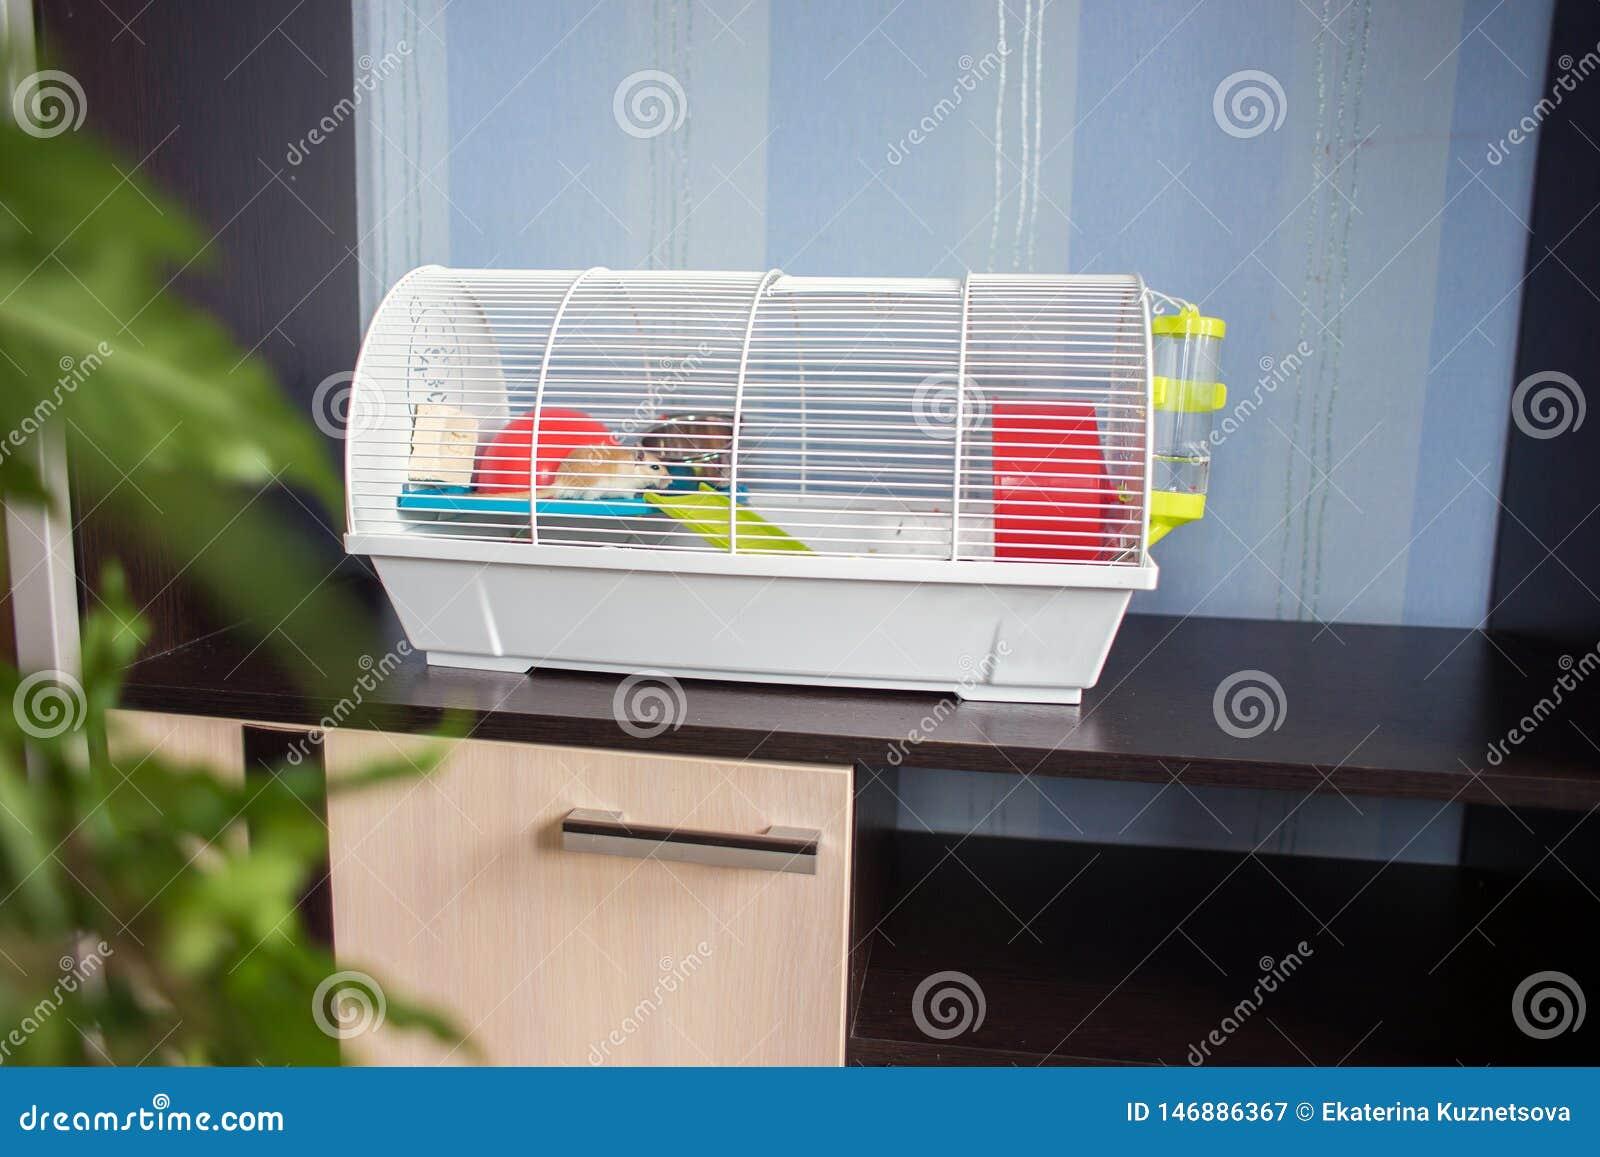 Klatka dla ślepuszonka kosztów w meble ścianie Utrzymywać ślepuszonki w domowych warunkach pet